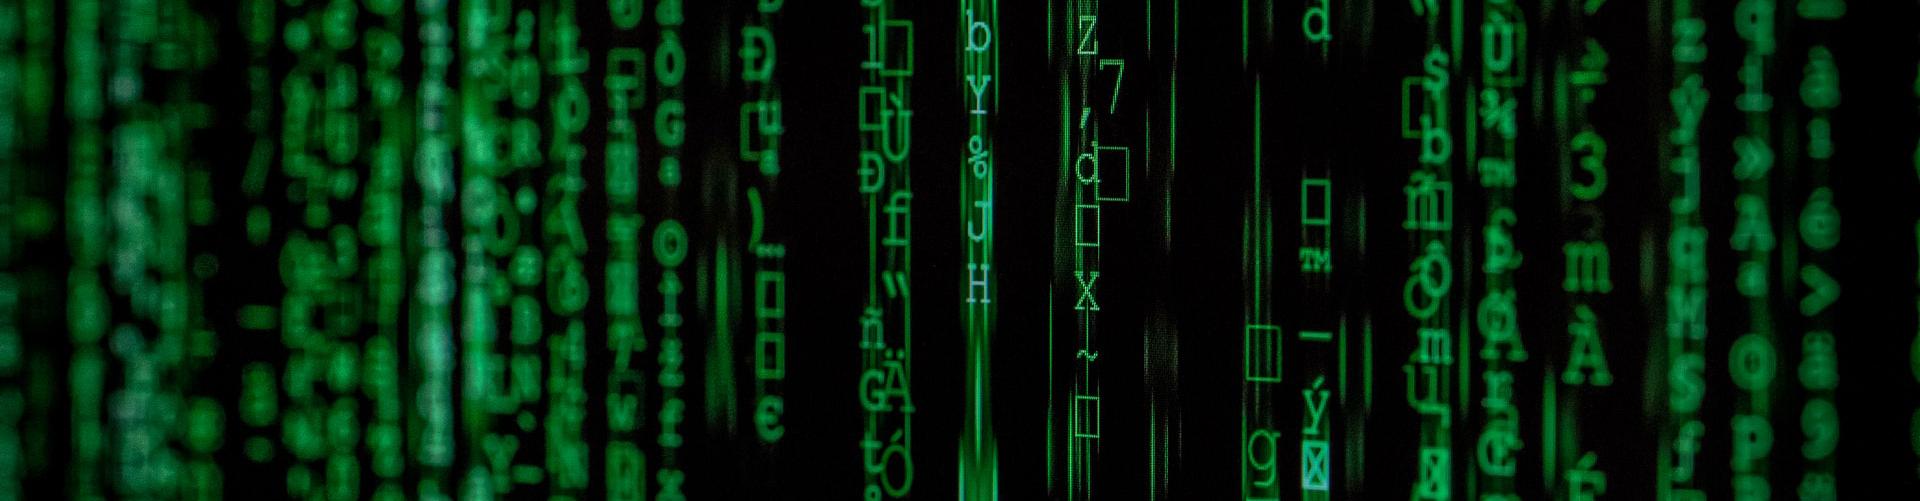 code spionage en techno thrillers